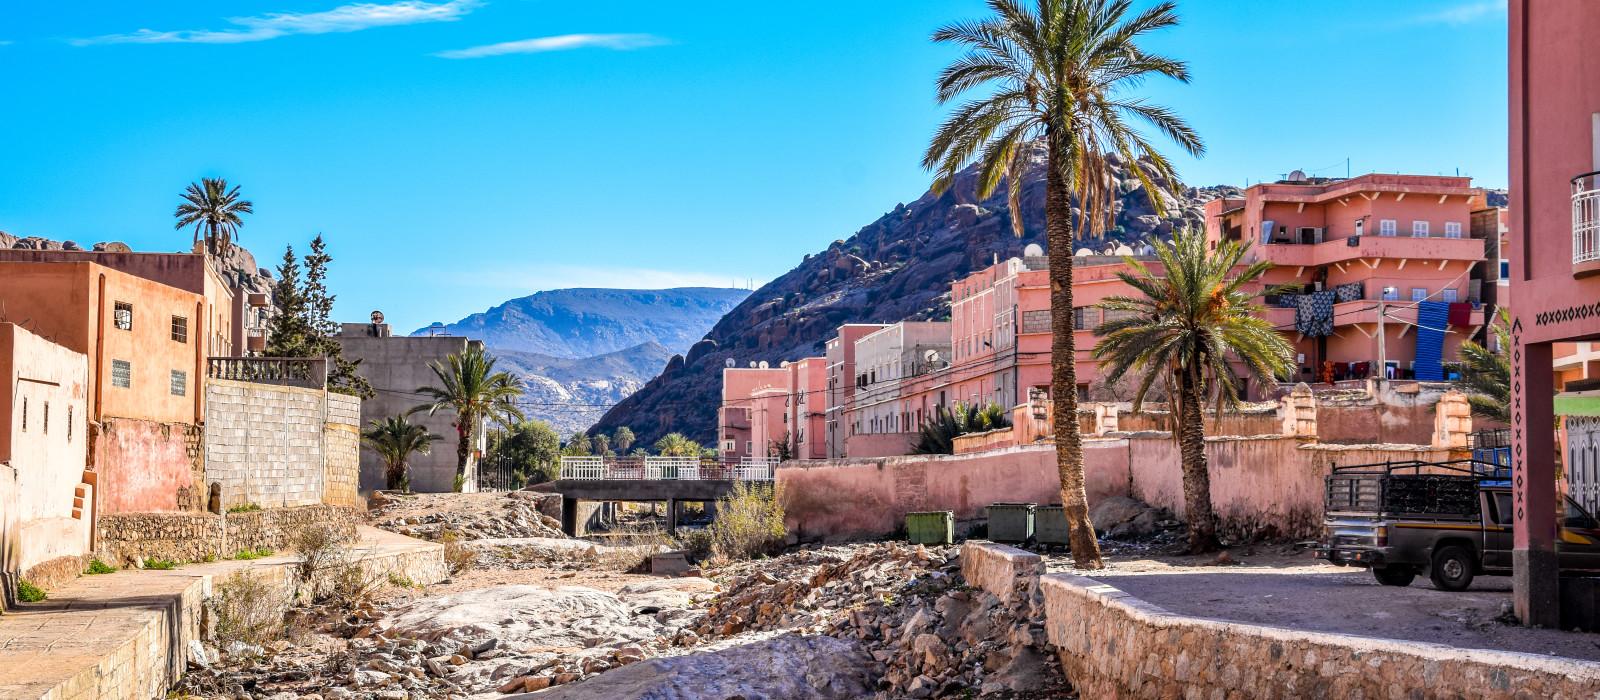 Hotel Saint Antoine Tafoukt Morocco